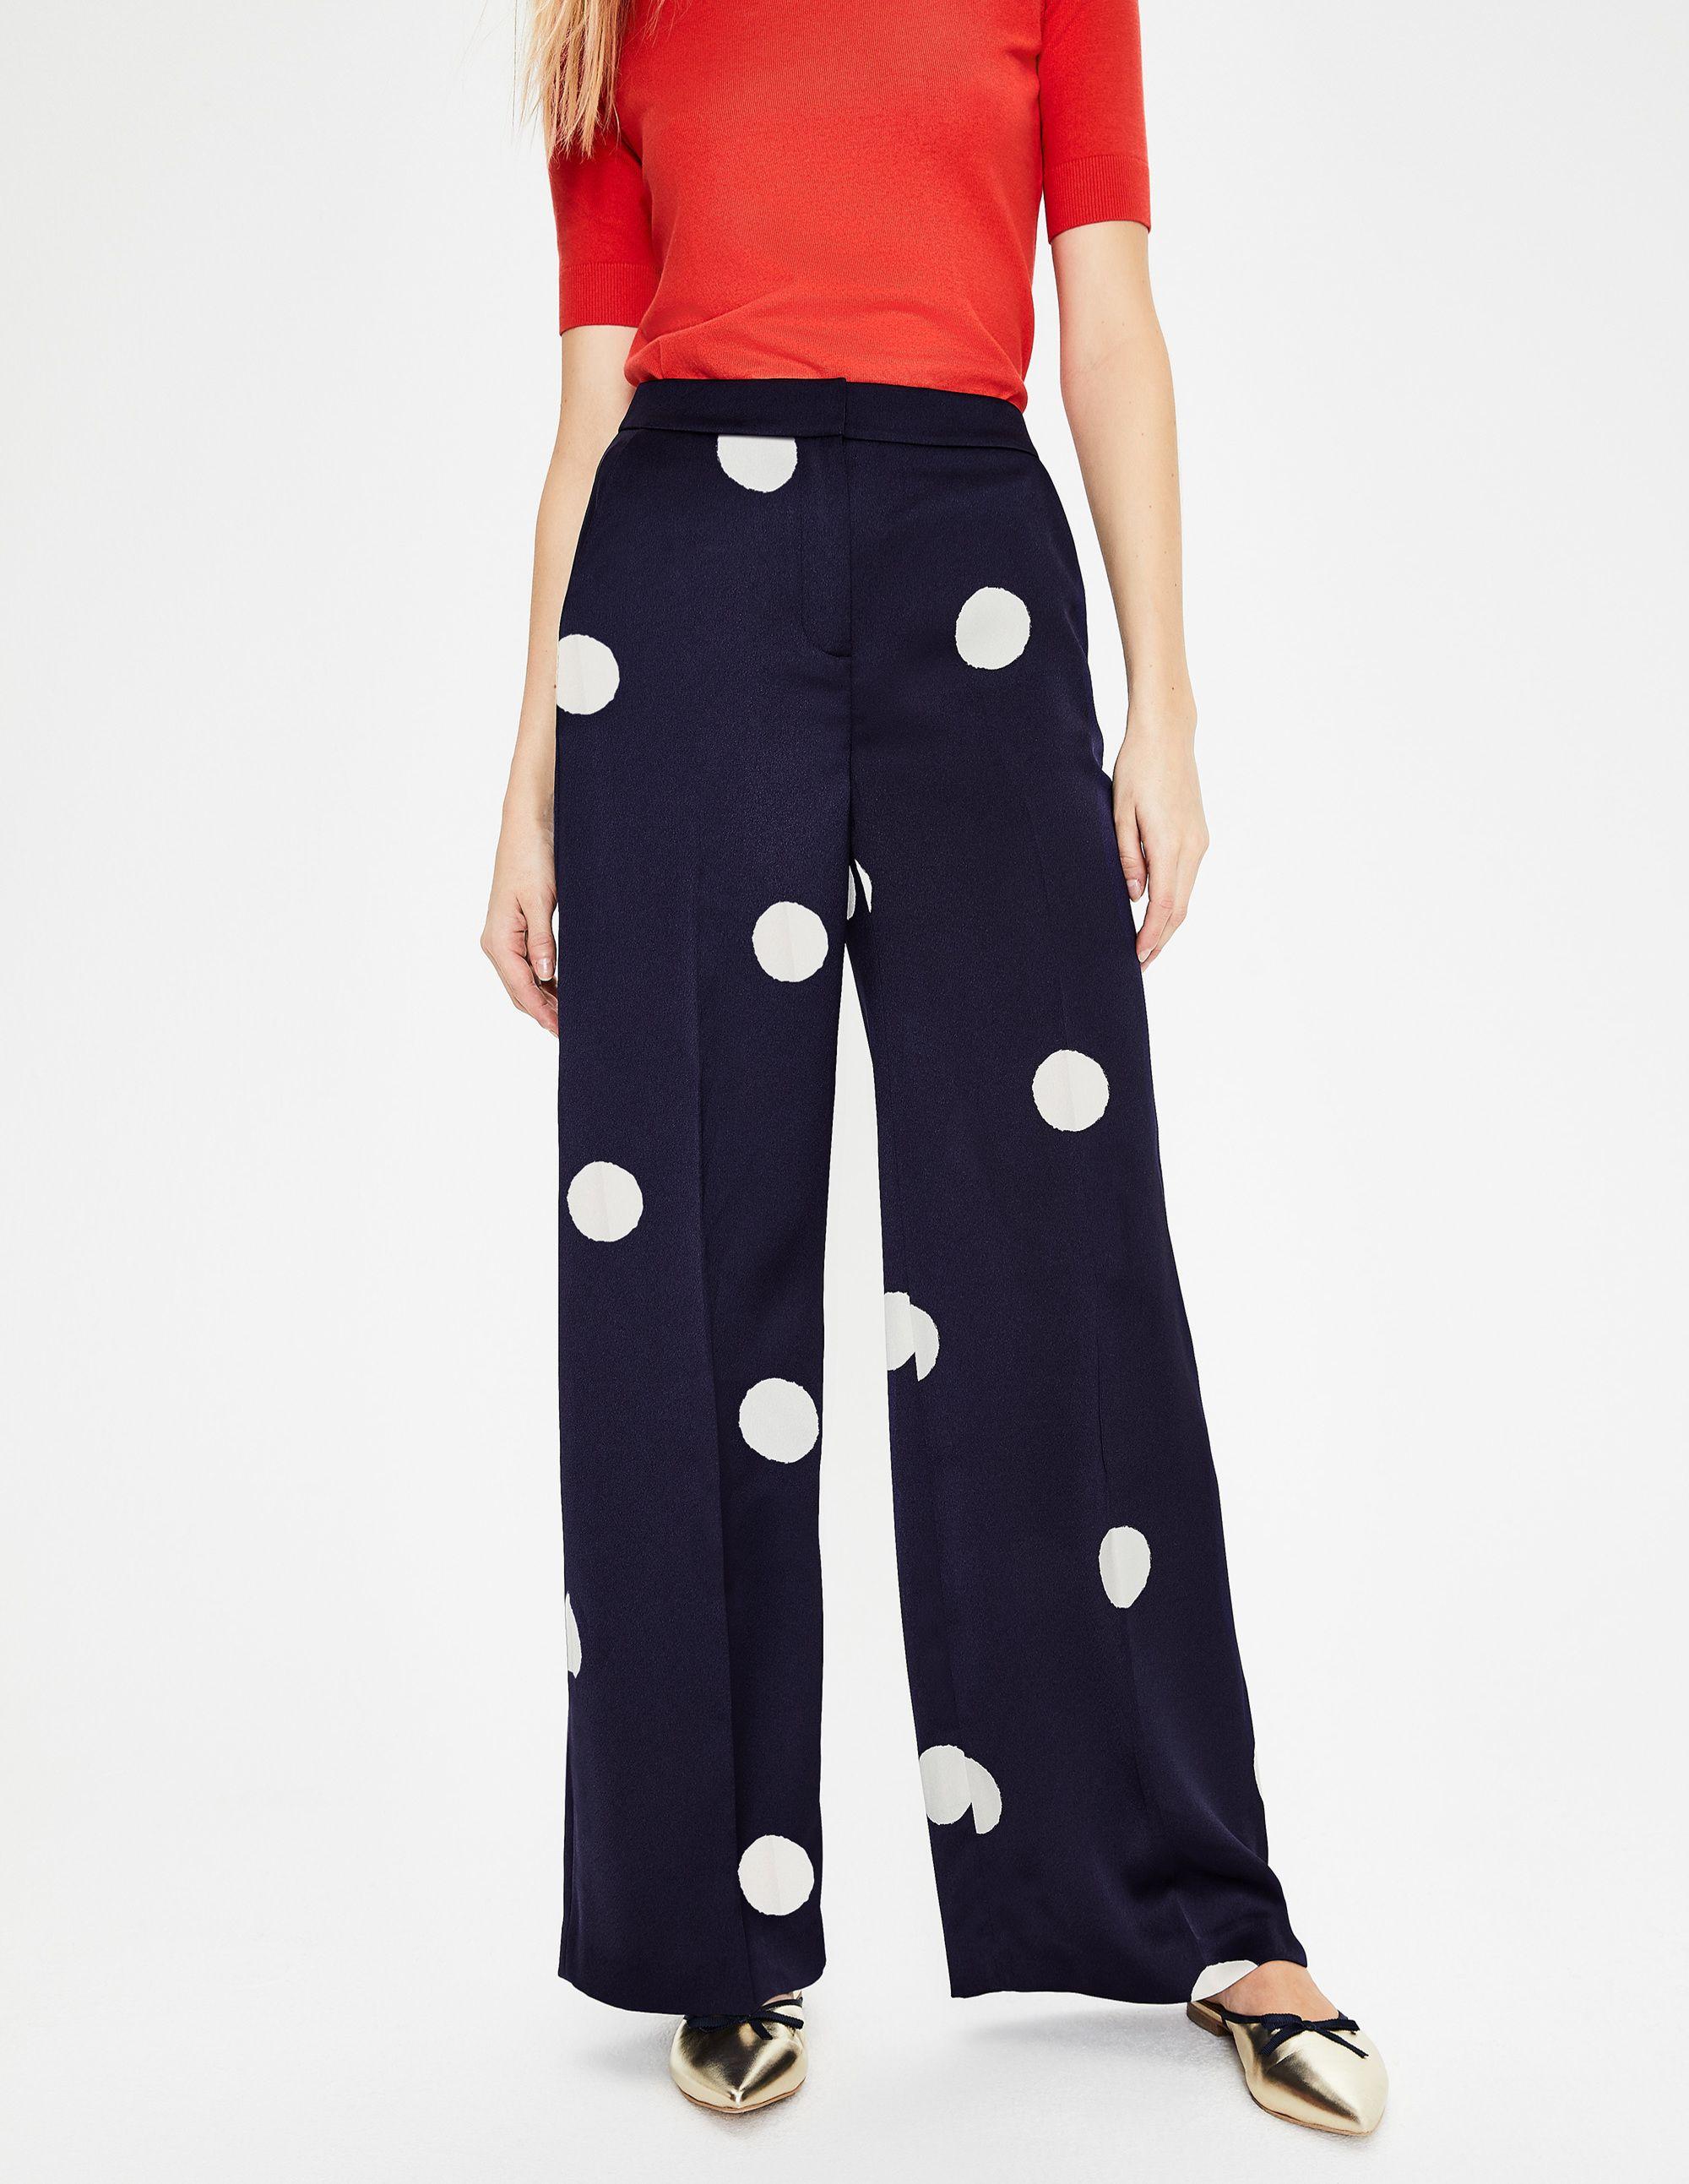 8927e7fbbe Rhea Pants T0327 Trousers & Jeans at Boden | Wear2Shine Pants in ...